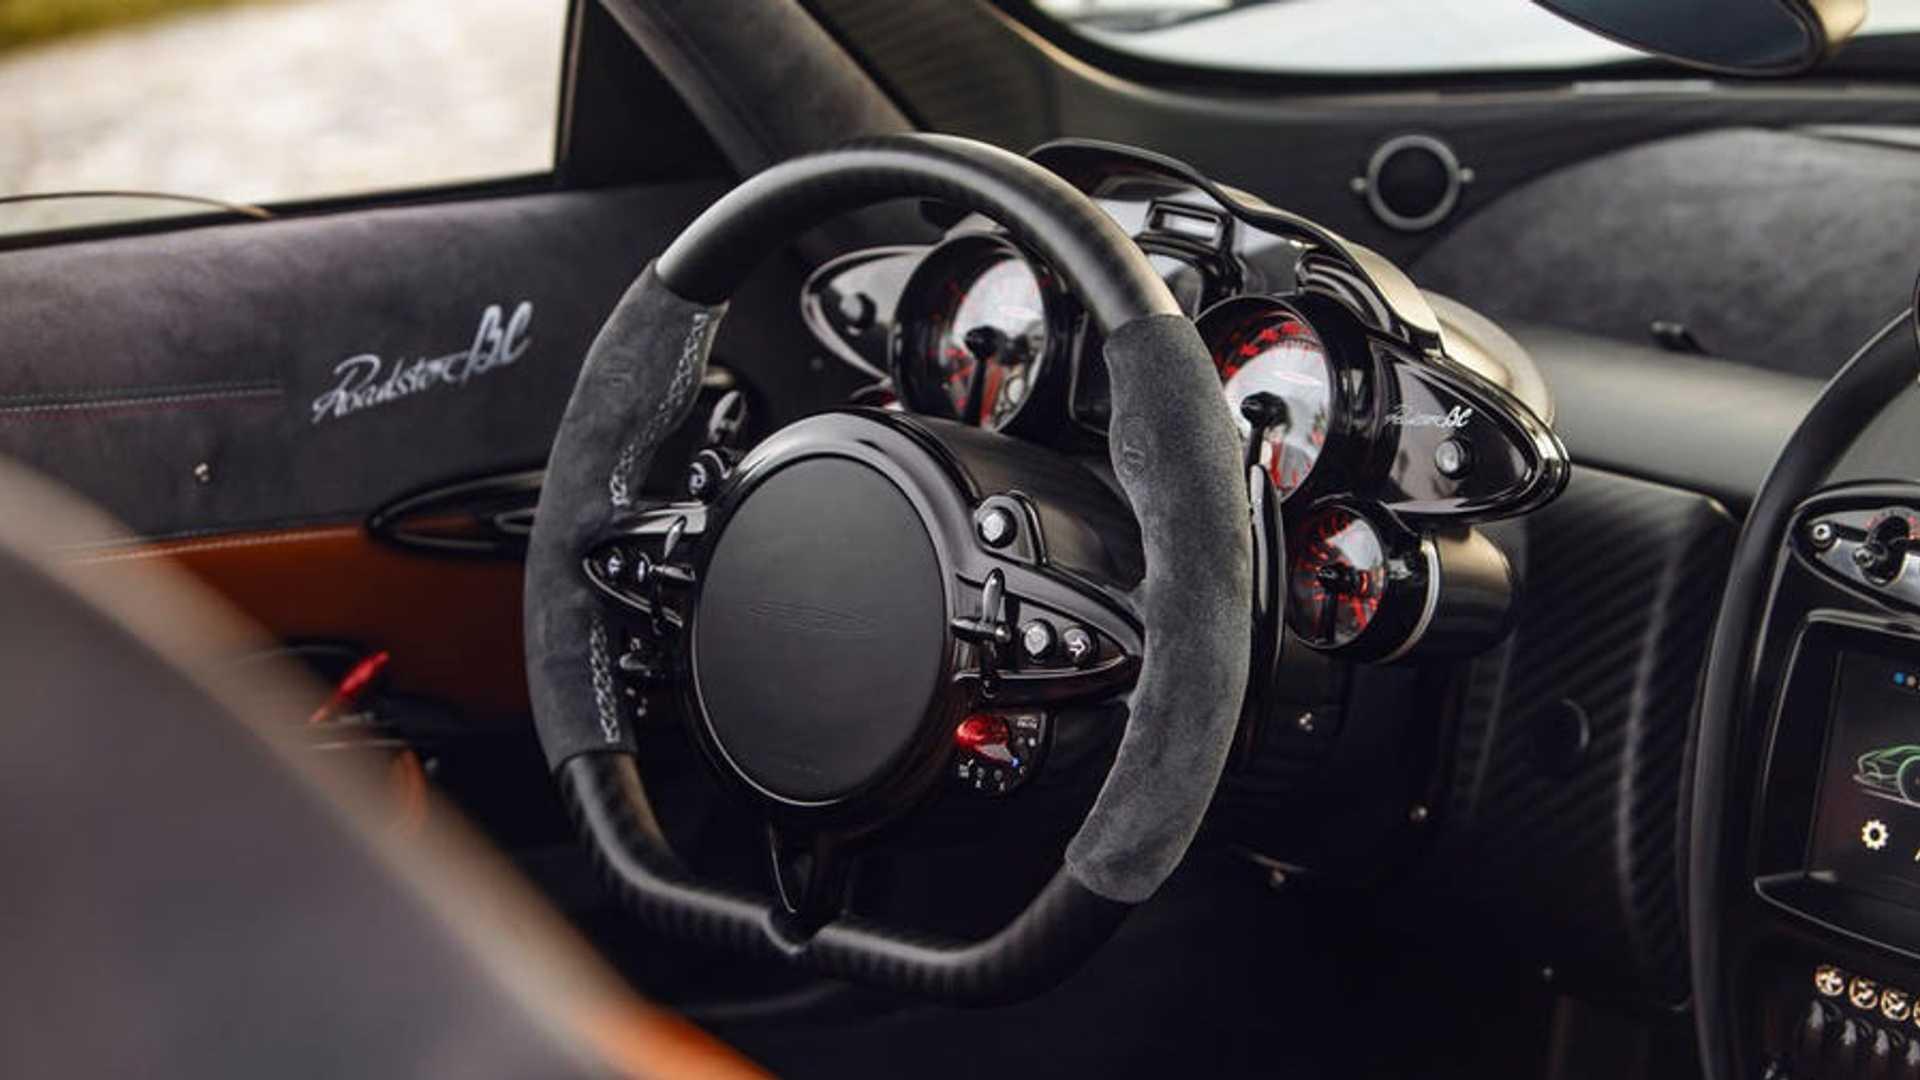 Huayra Roadster BC mới của Pagani siêu phẩm Hypercar V12 đắt giá 3,4 triệu USD - 18